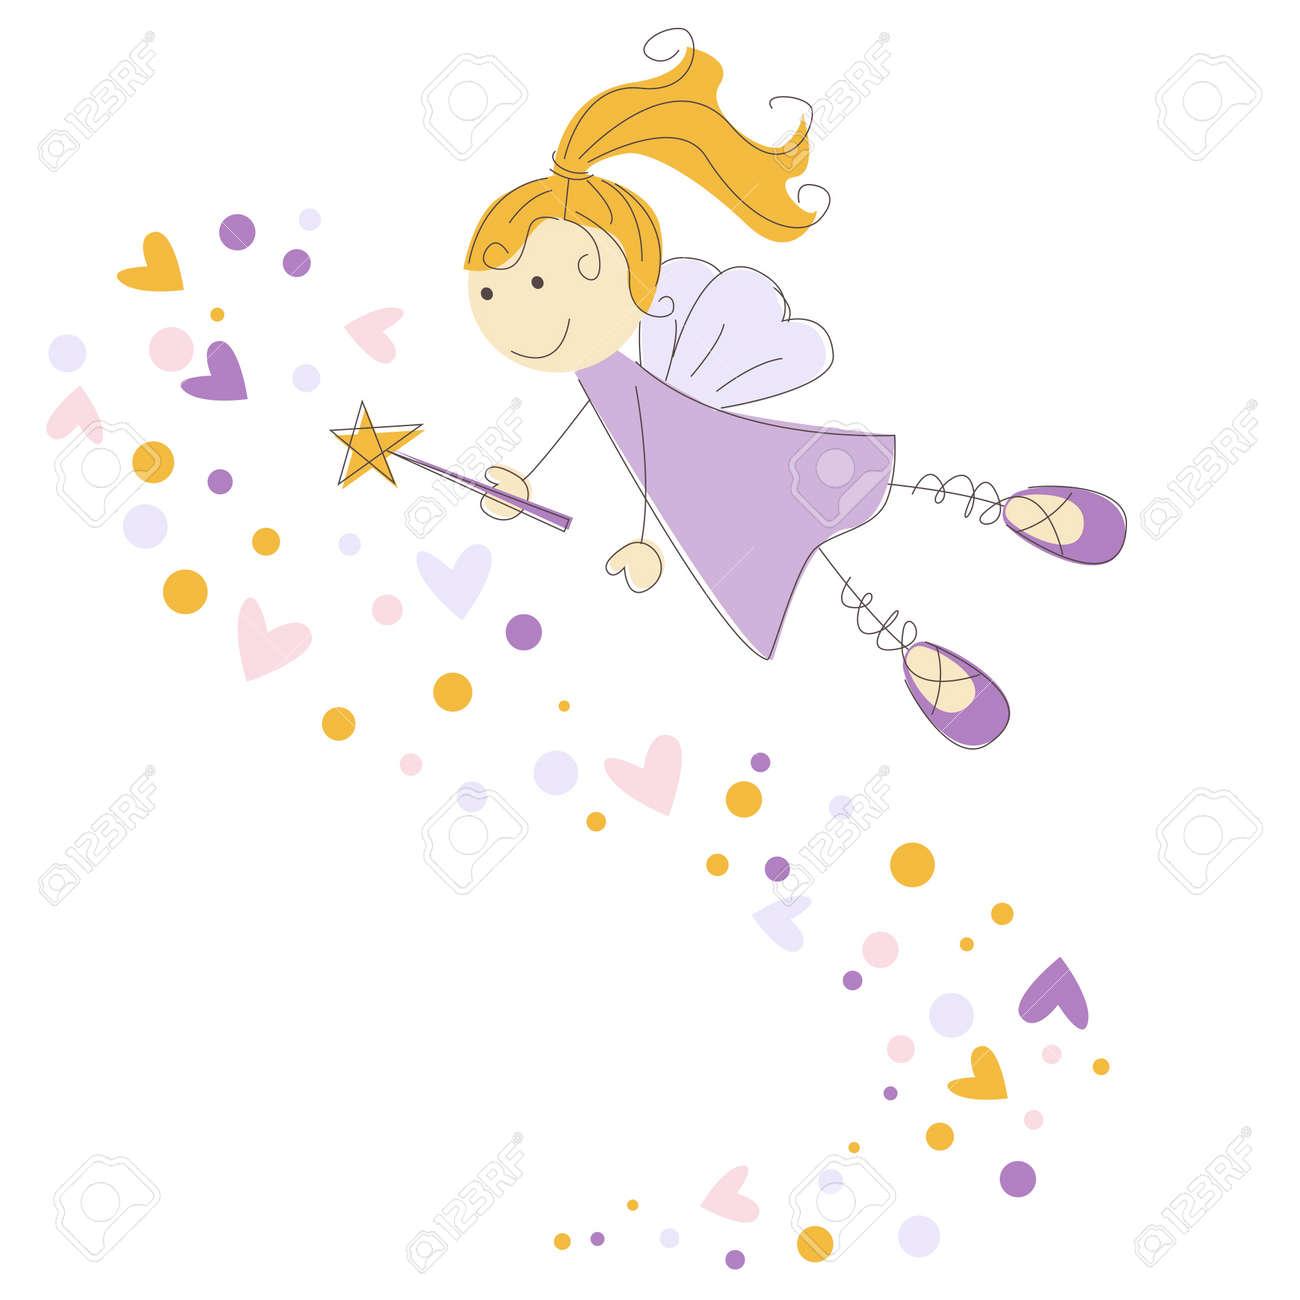 魔法の杖を持つ妖精のイラストのイラスト素材ベクタ Image 13638179